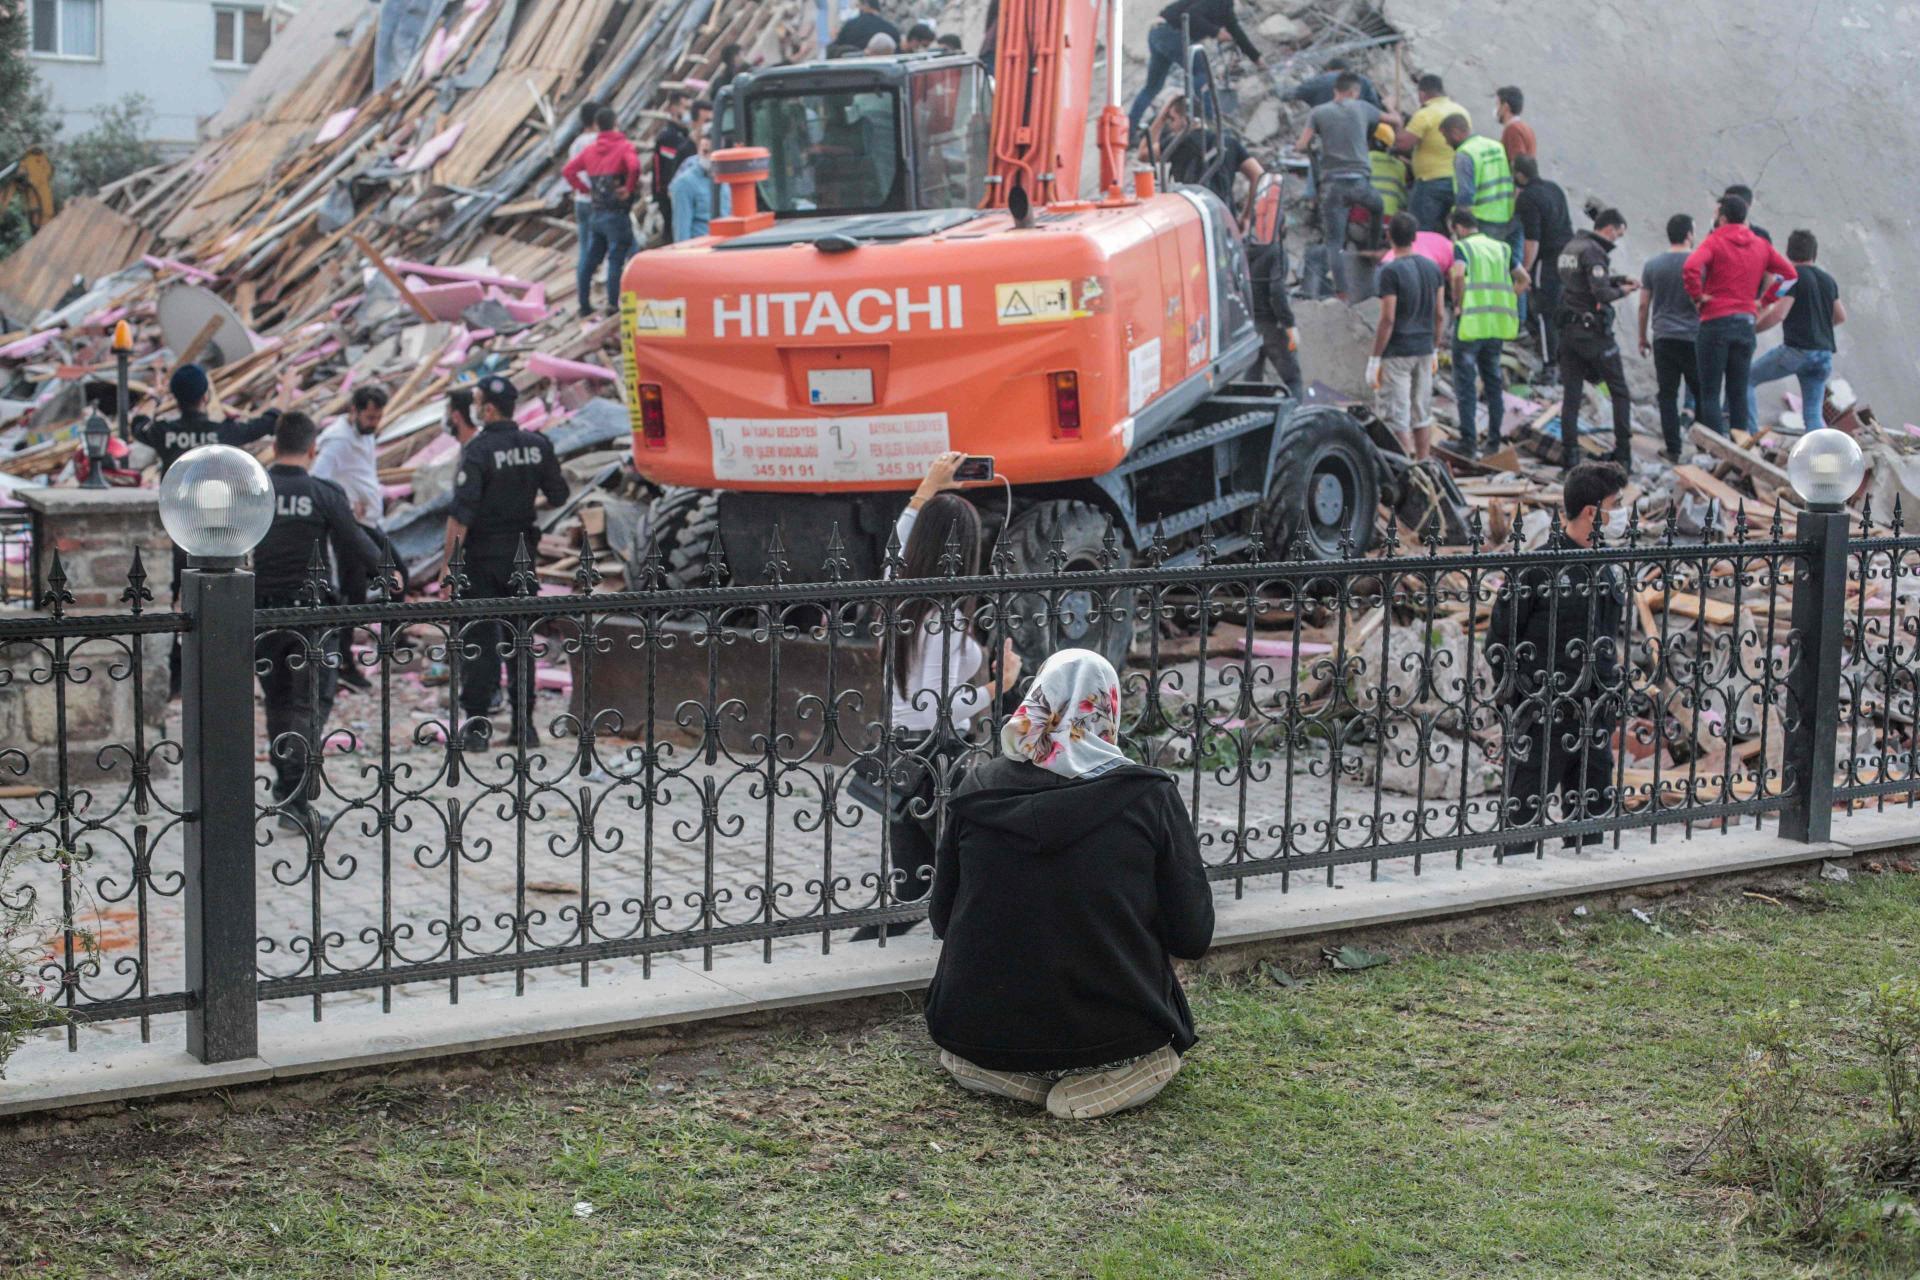 (FOTO) POGLEDAJTE FOTOGRAFIJE SNIMLJENE DRONOM! Raste broj žrtava u Turskoj, spasilački timovi izvlače ljude iz ruševina, Europa nudi pomoć!